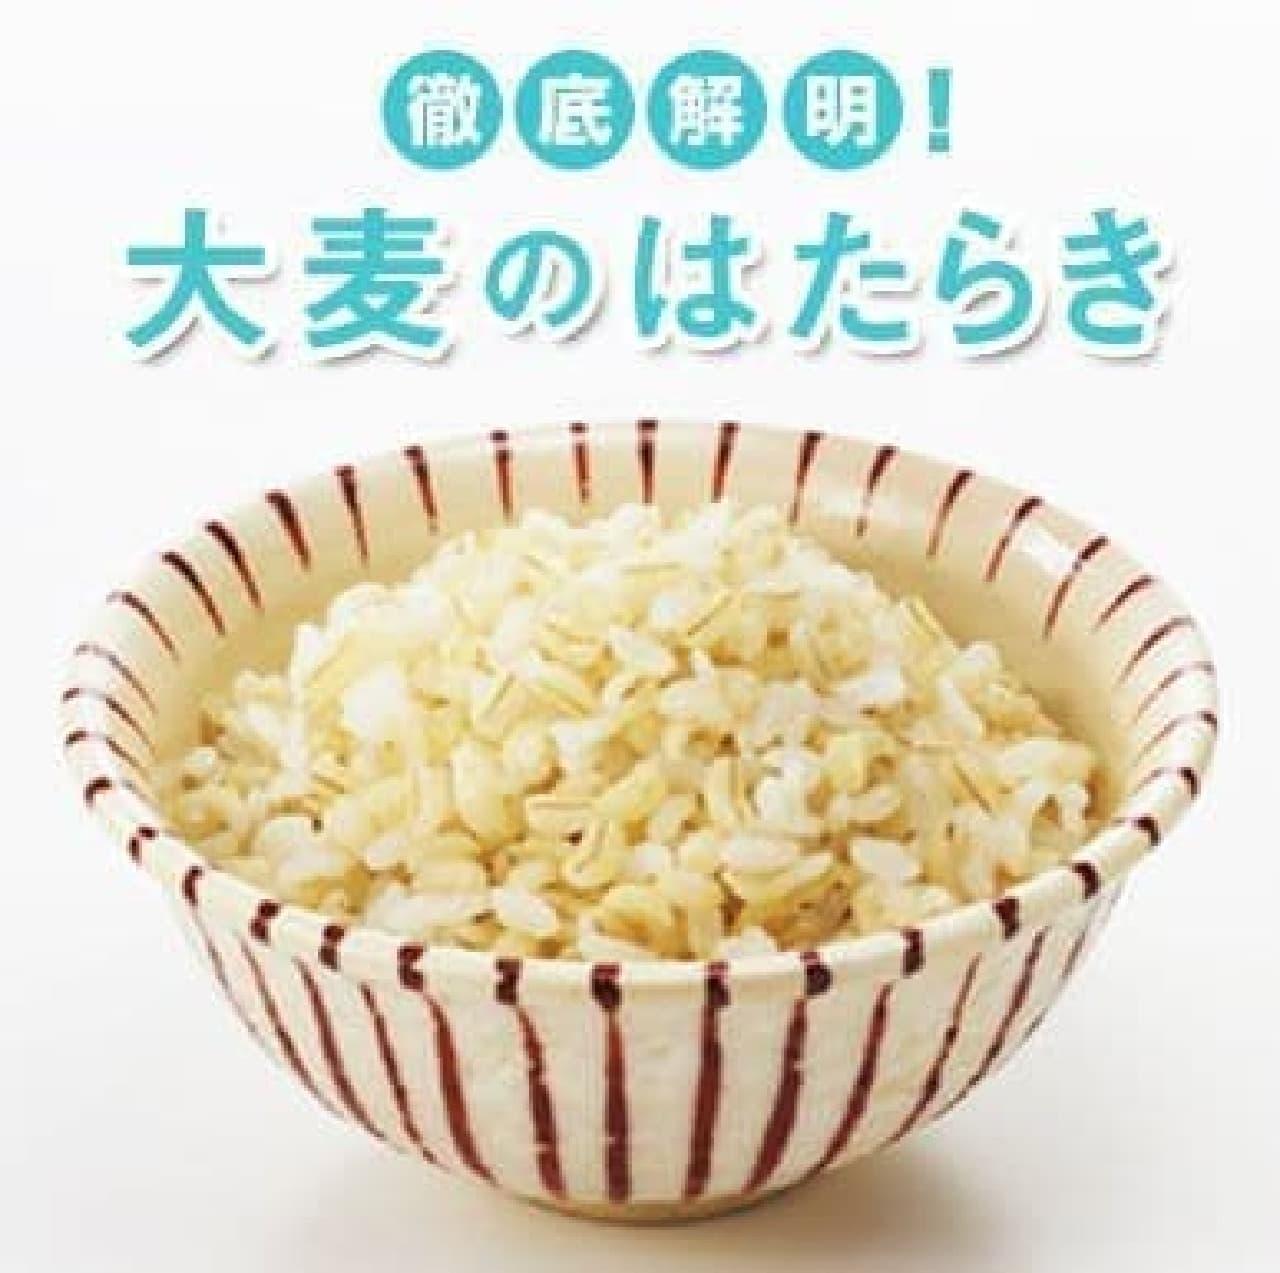 大麦(もち大麦)の食物繊維が、女性の内臓脂肪を低下させる―はくばく調べ